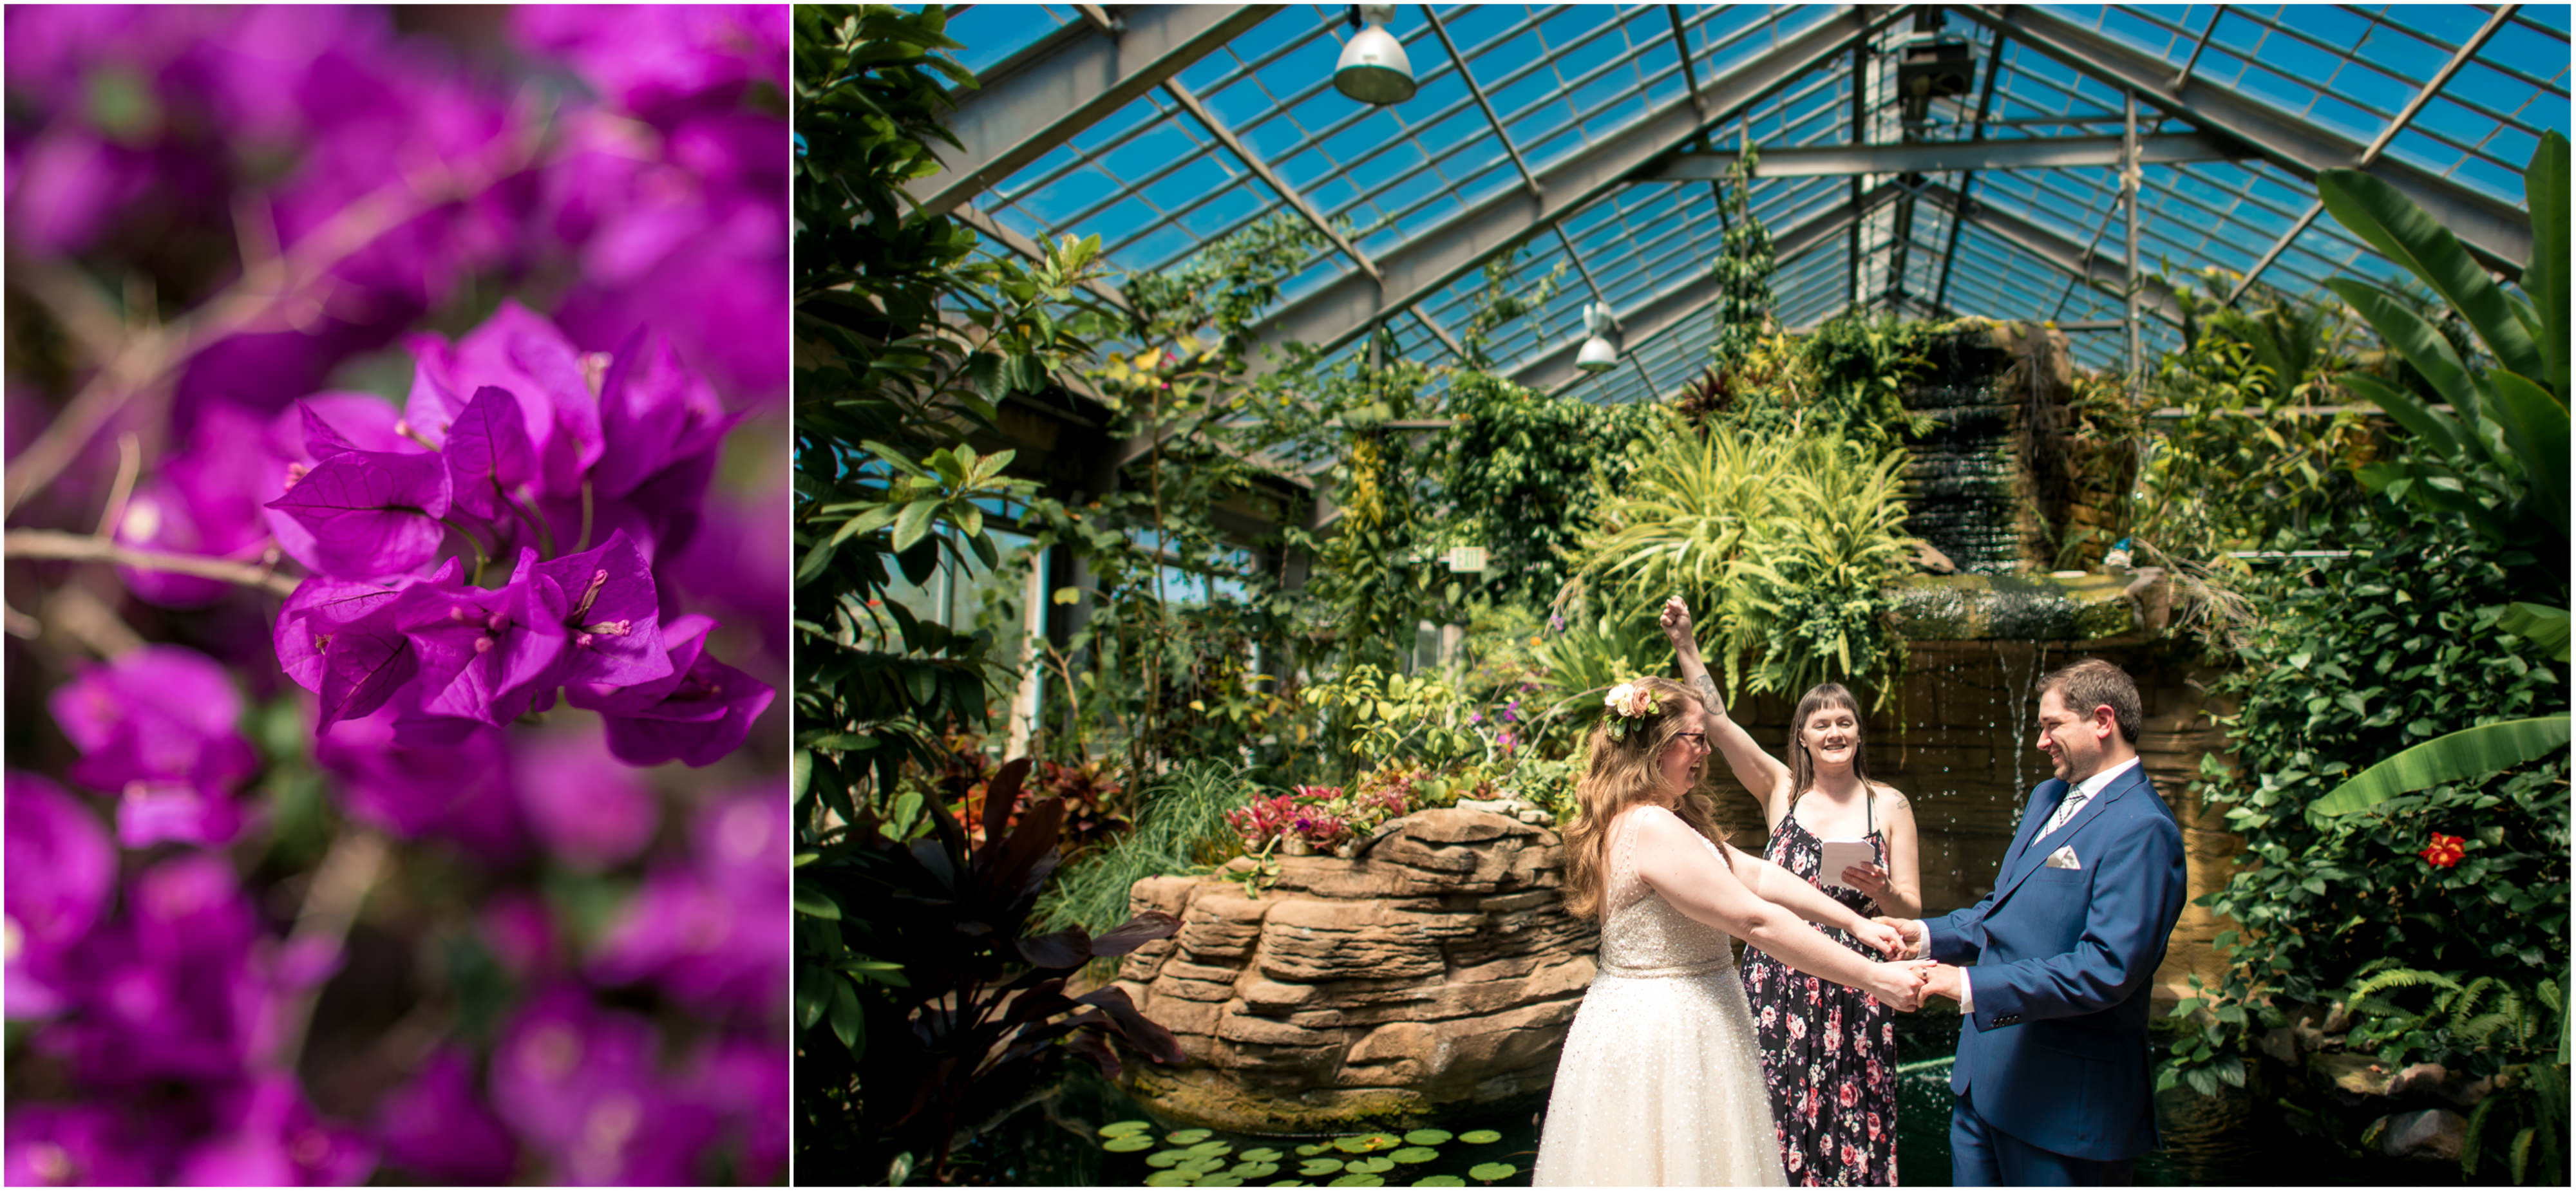 Indianapolis Botanical Gardens Wedding Garden Ftempo